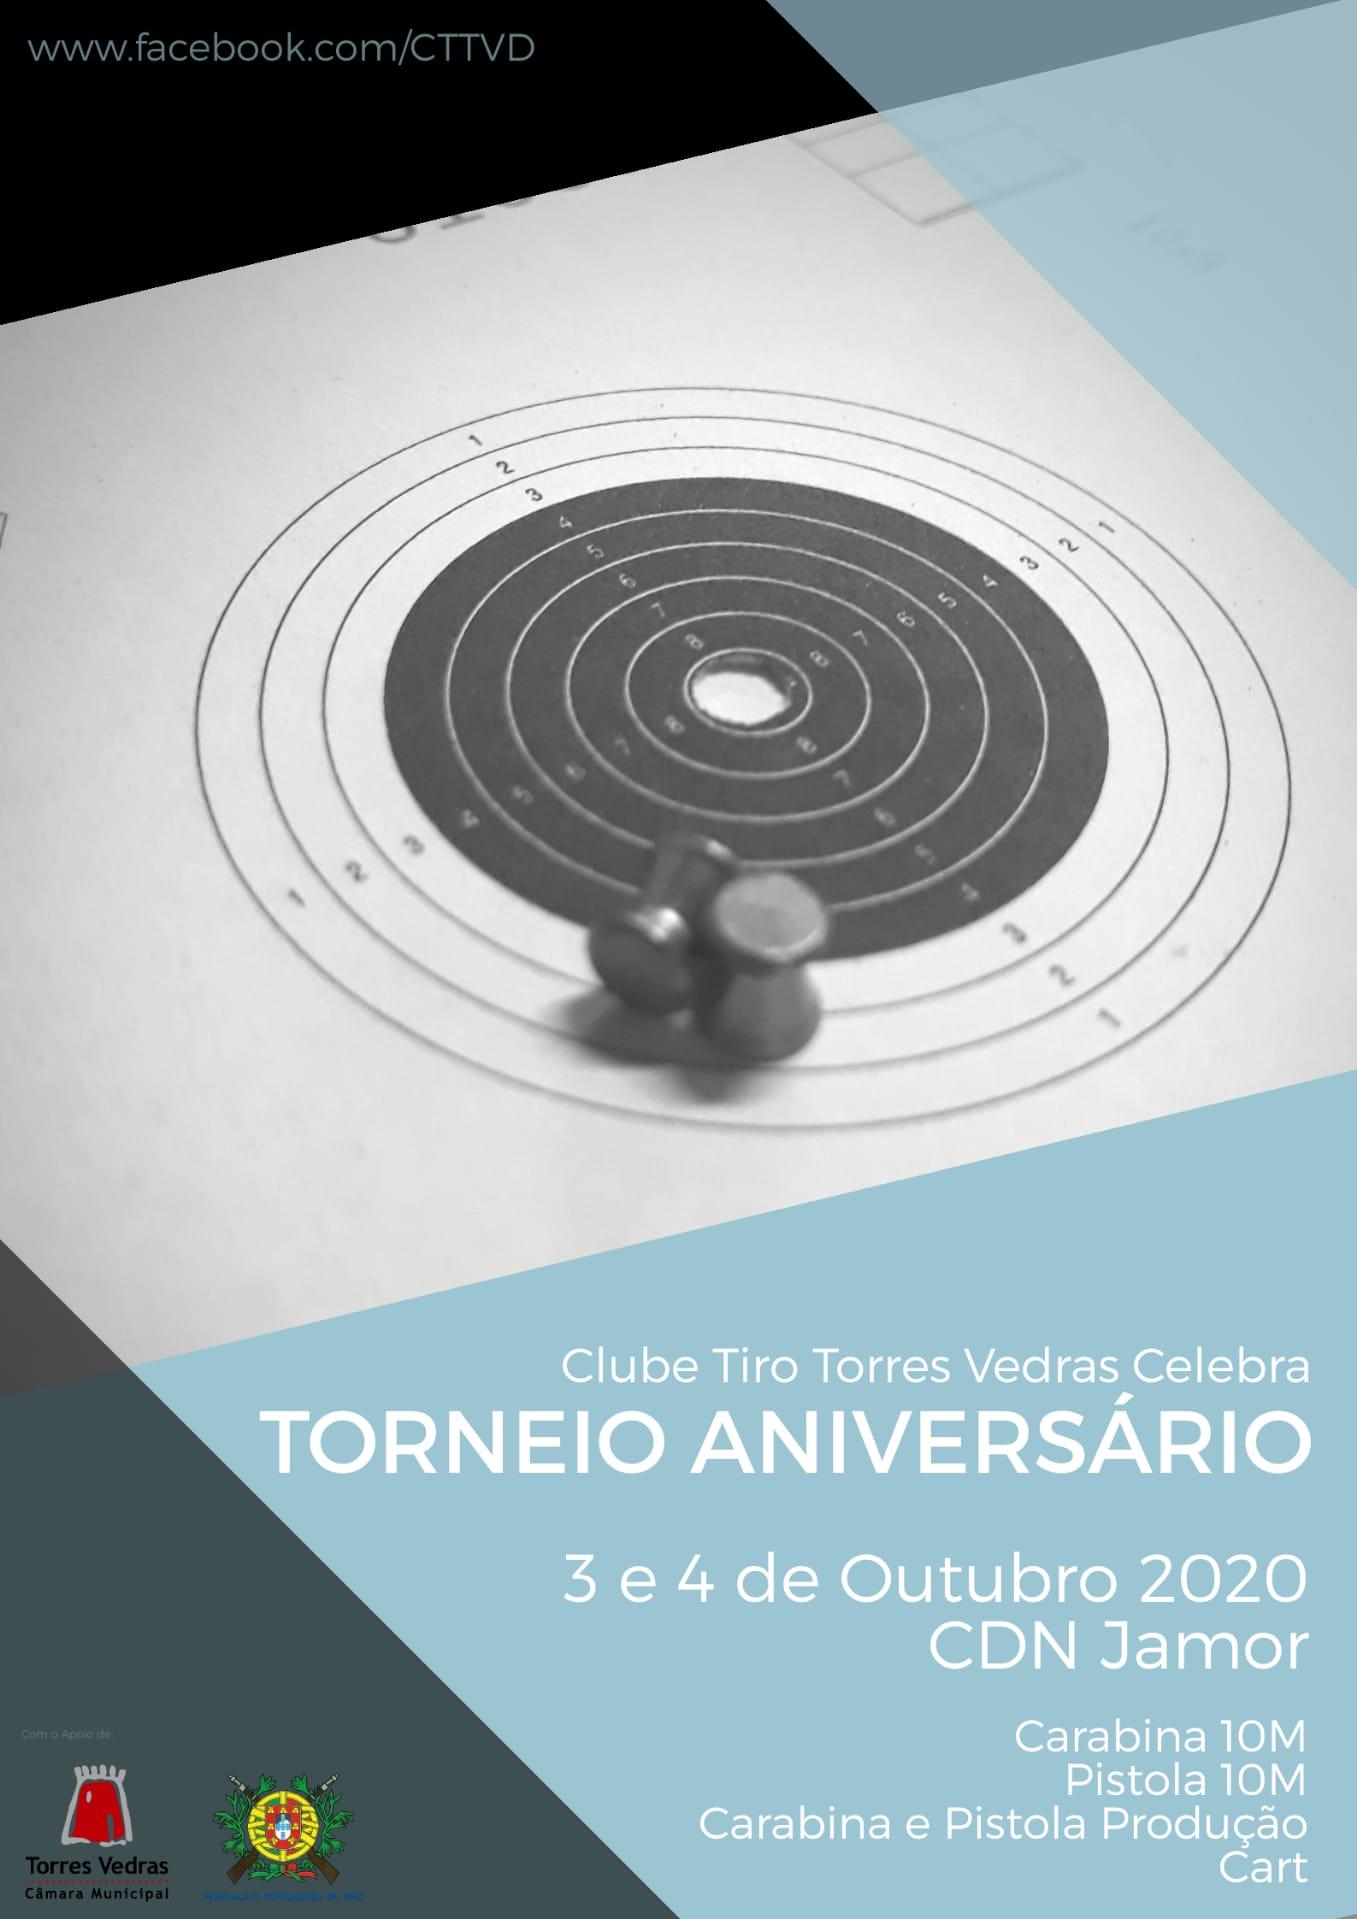 Torneio Aniversário CTTVD 2020